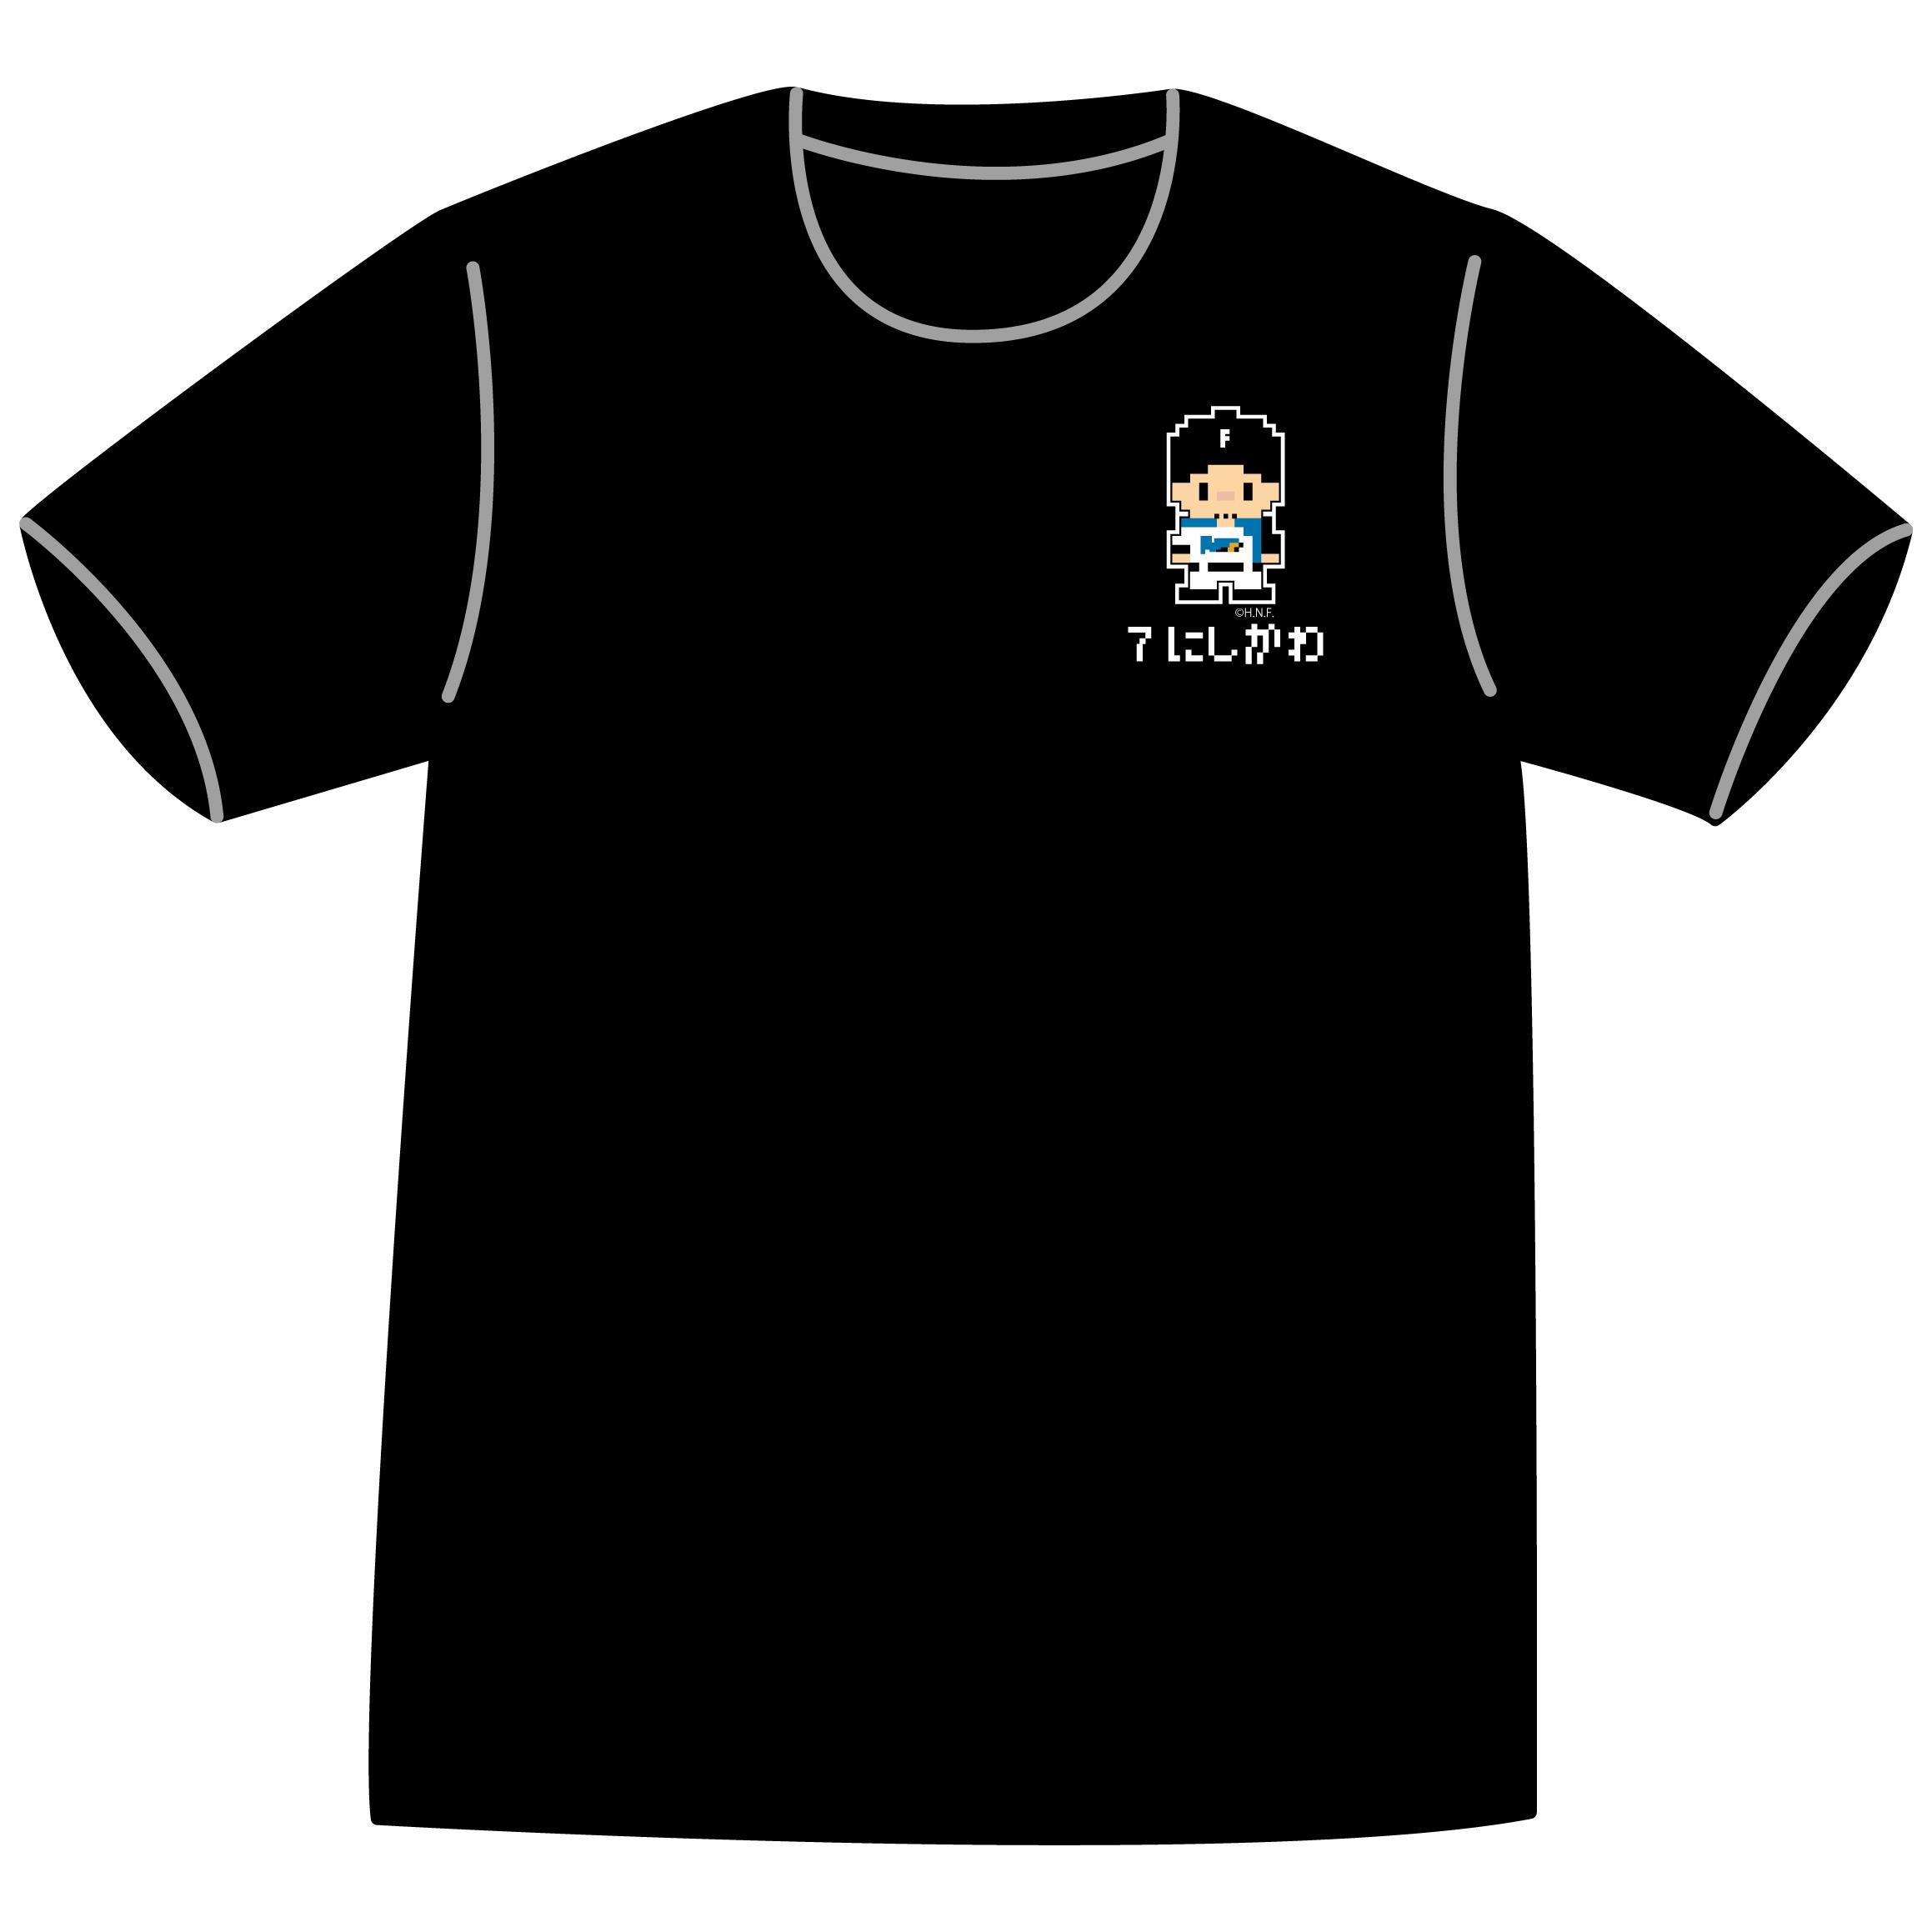 ドットファイターズ 「にしかわ」 Tシャツ ブラック